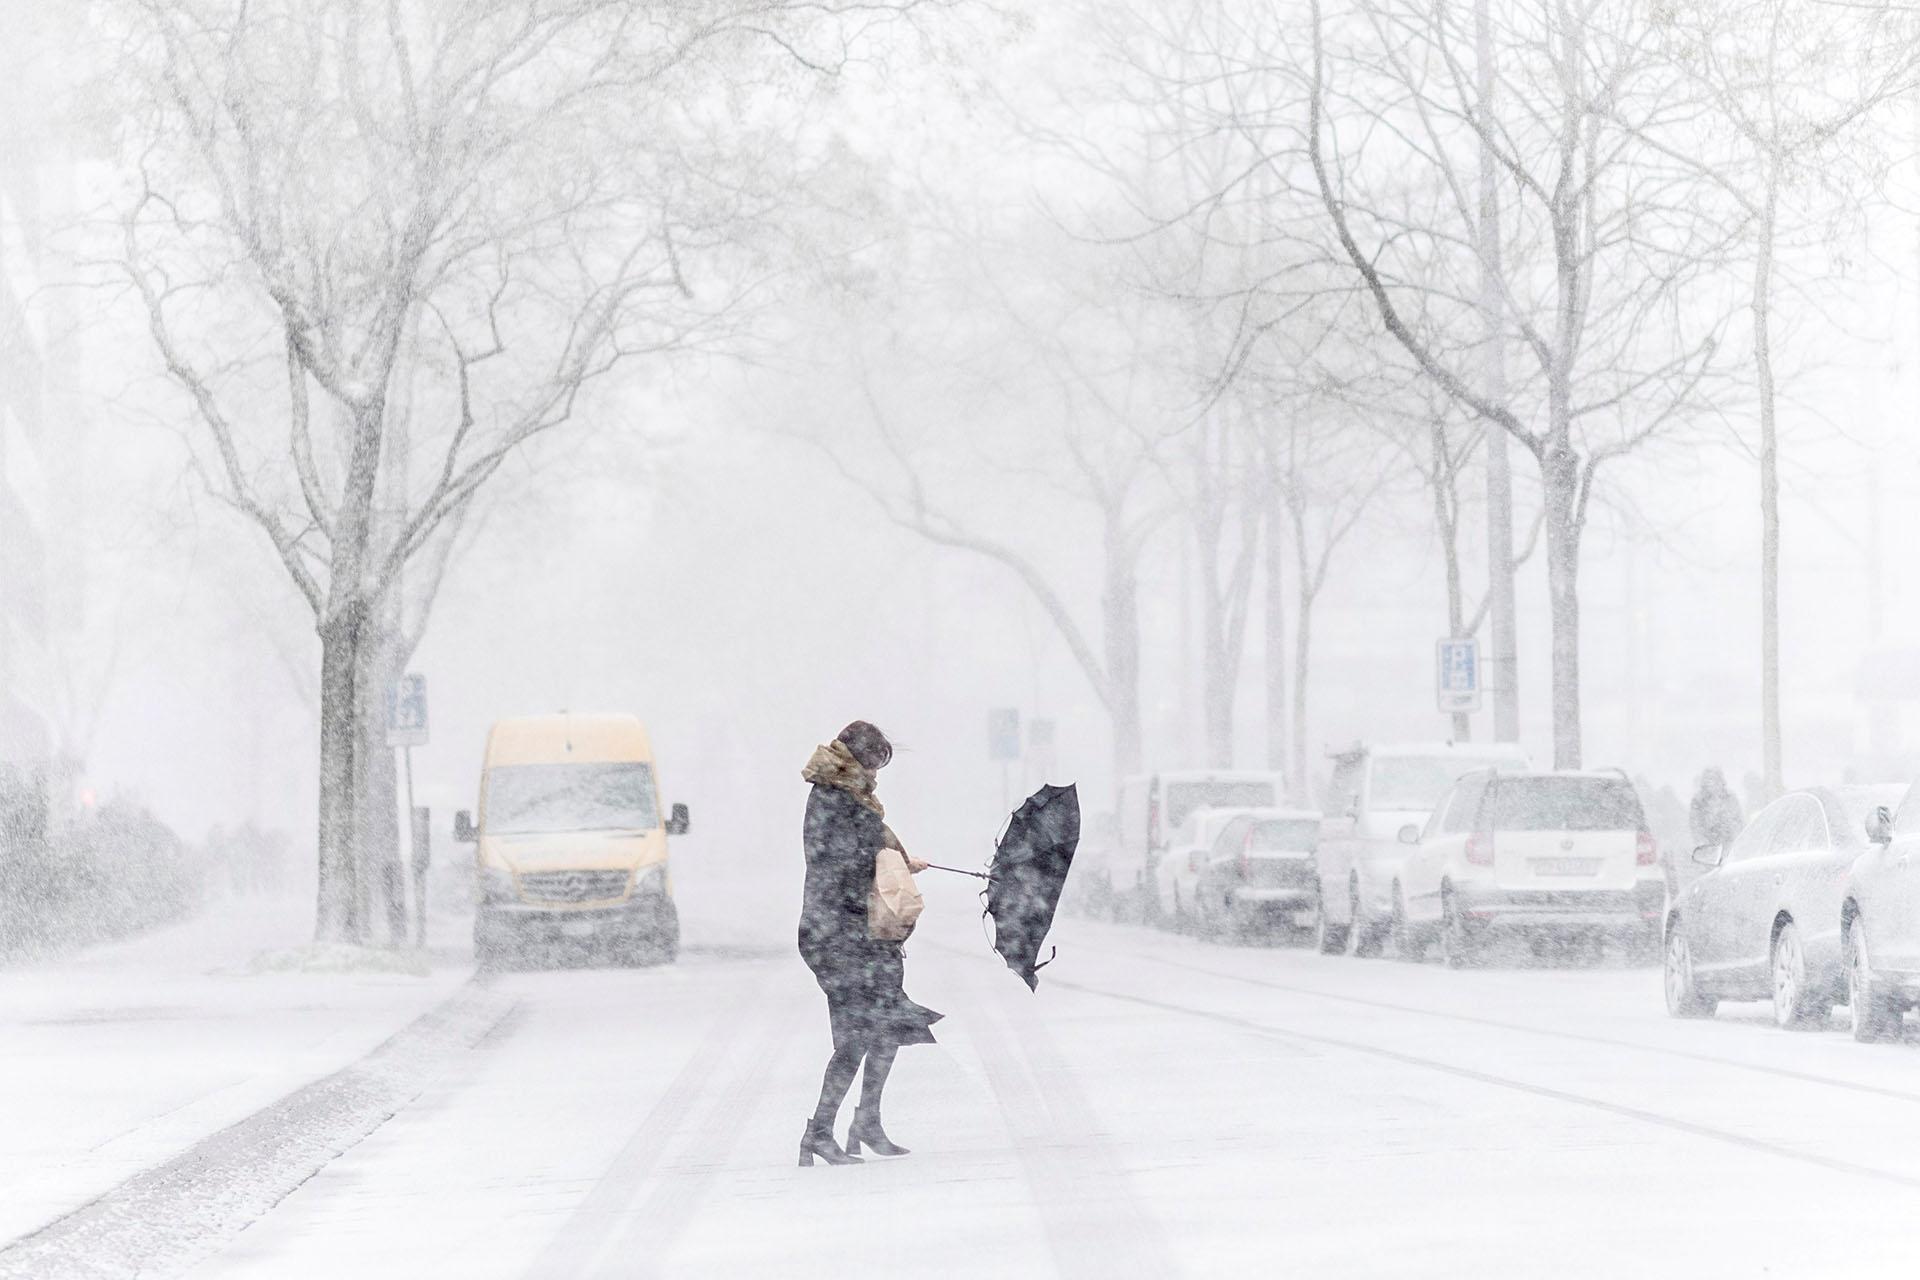 Una mujer se pelea con su paraguas durante una tormenta de nieve en una calle de Zúrich (Suiza) el 17 de enero de 2018 (EFE)